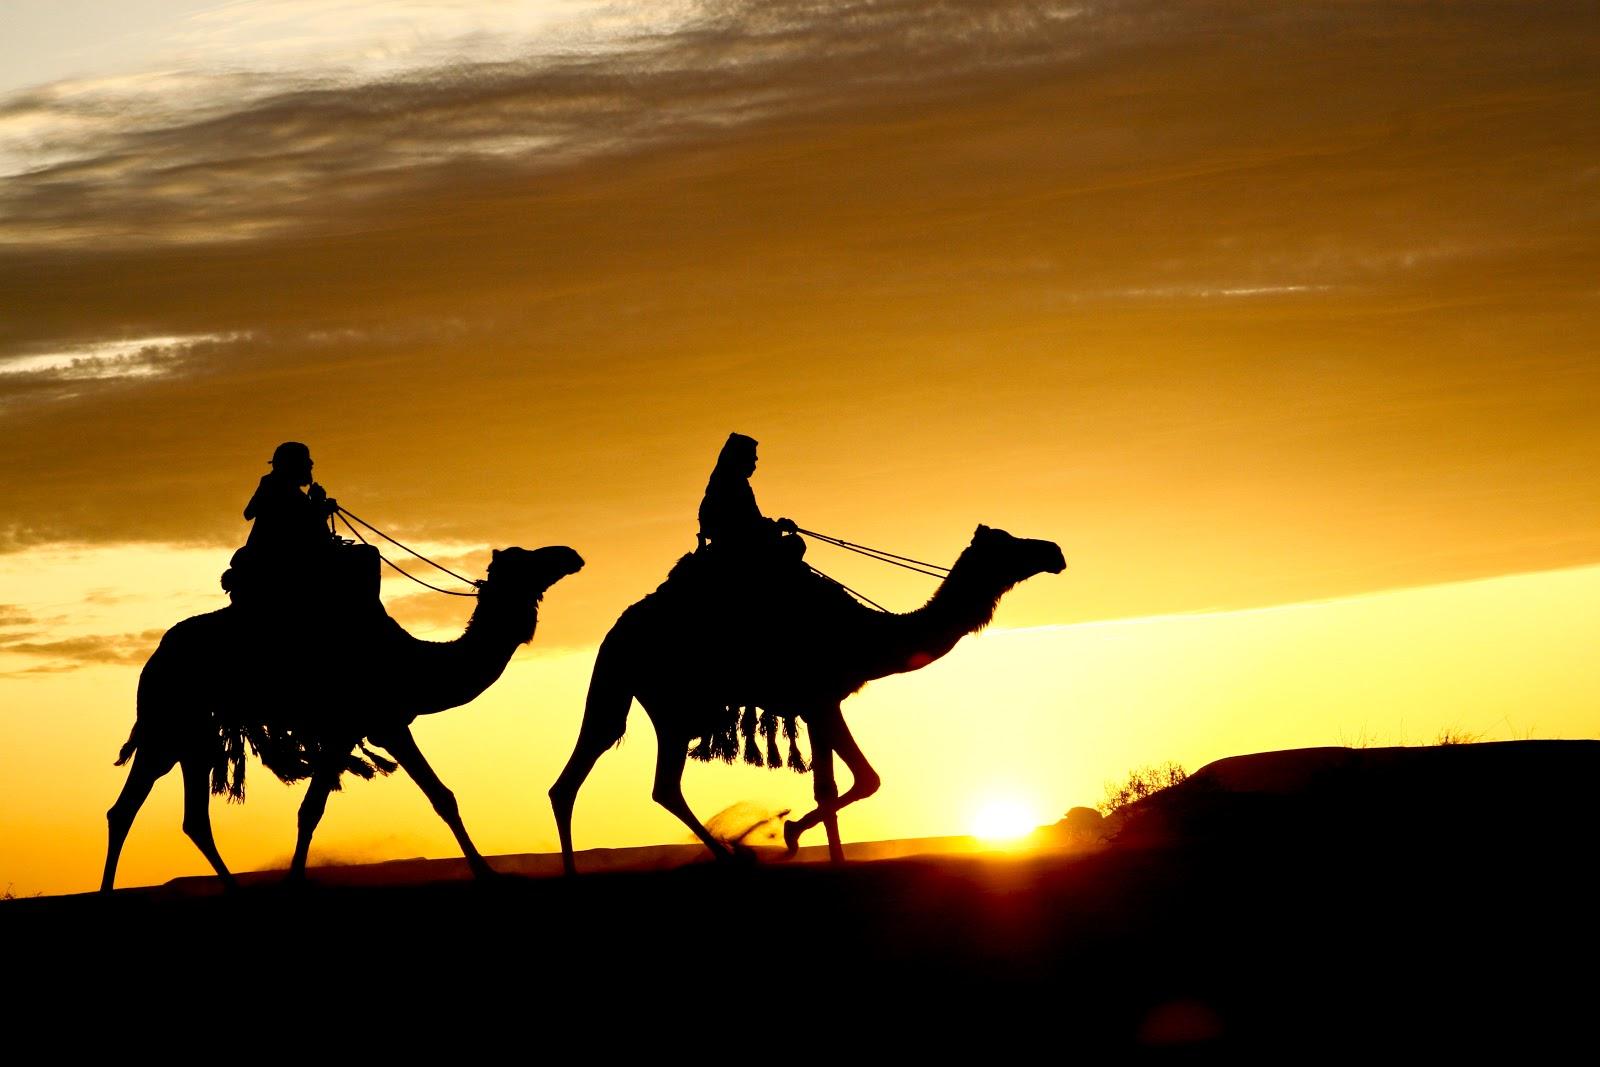 Makna dan Refleksi Perjalanan Hijrah Rasulullah SAW